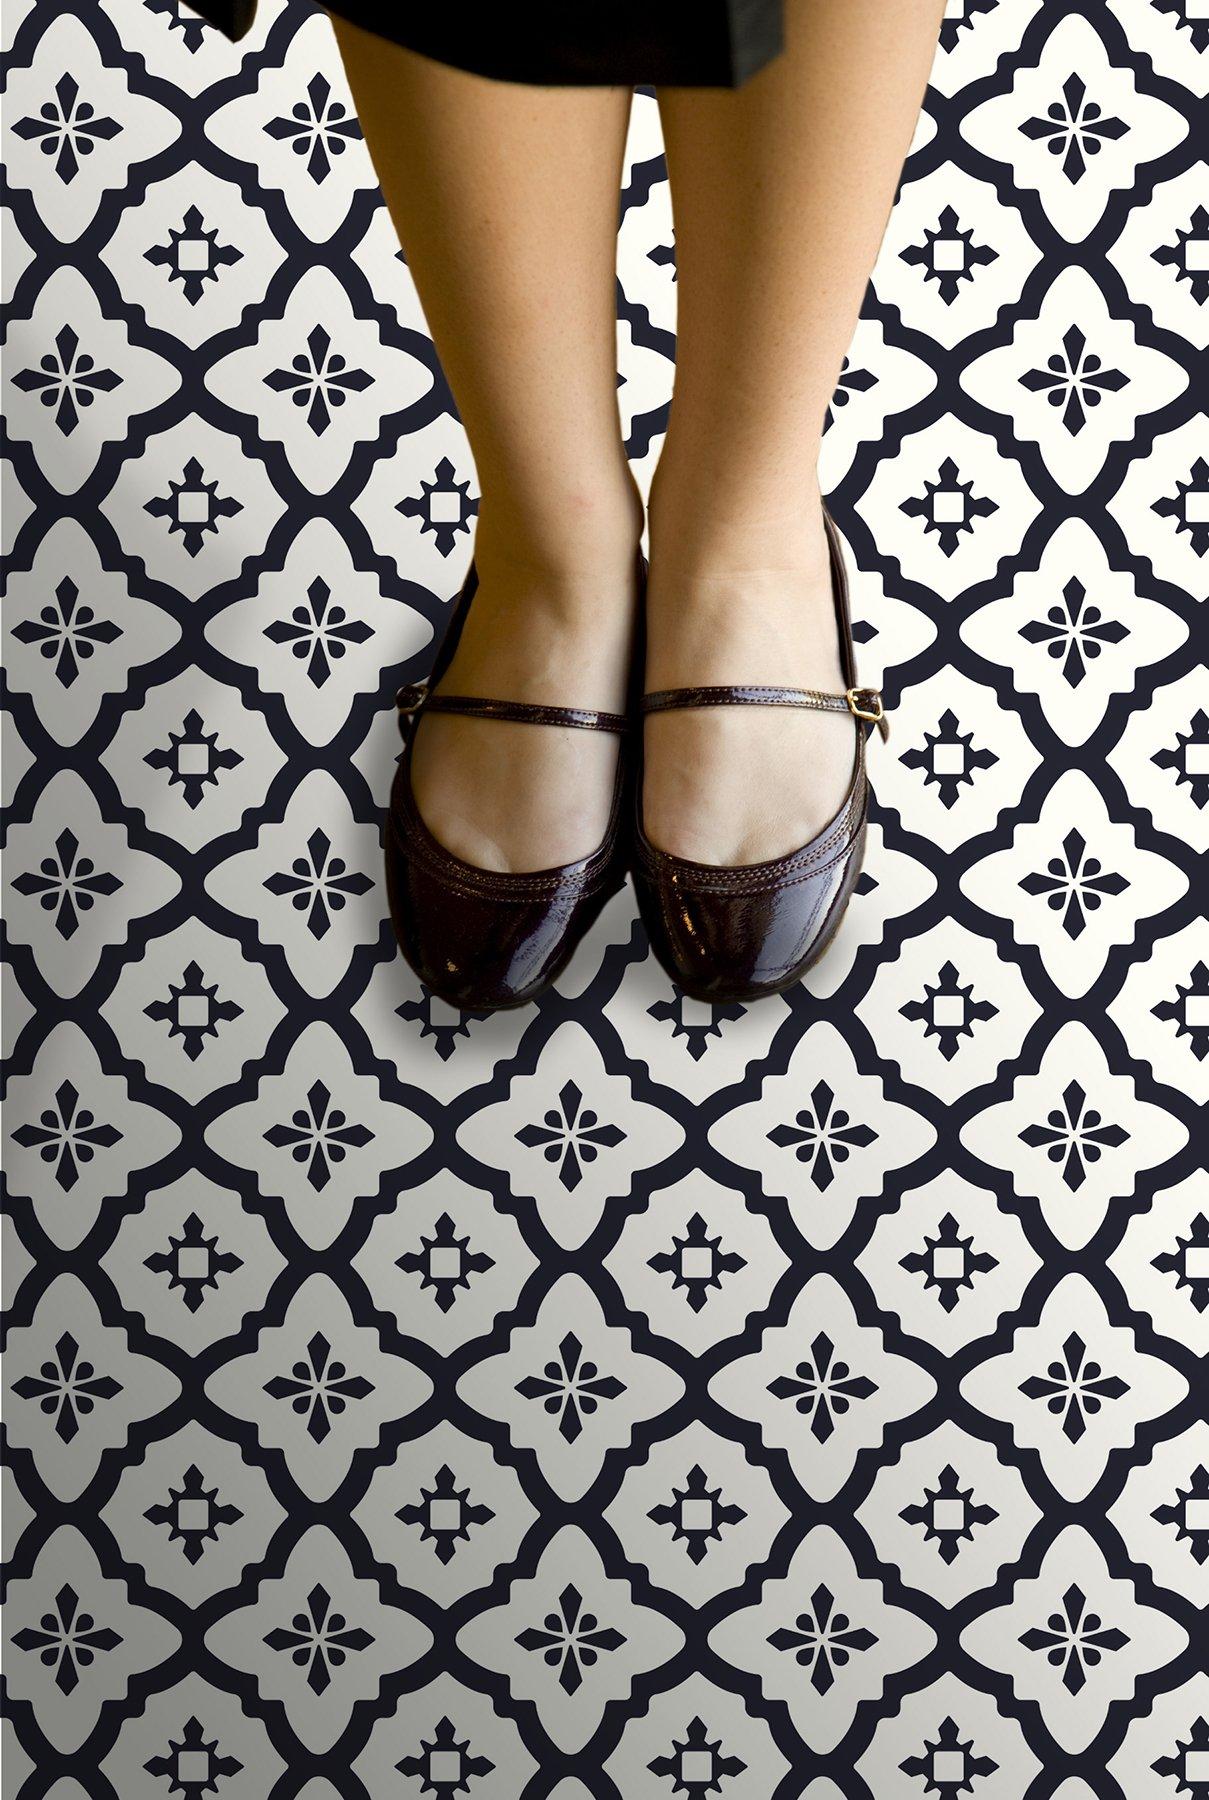 FloorPops FP2480 Comet Peel & Stick Tiles Floor Decal Black by FloorPops (Image #2)